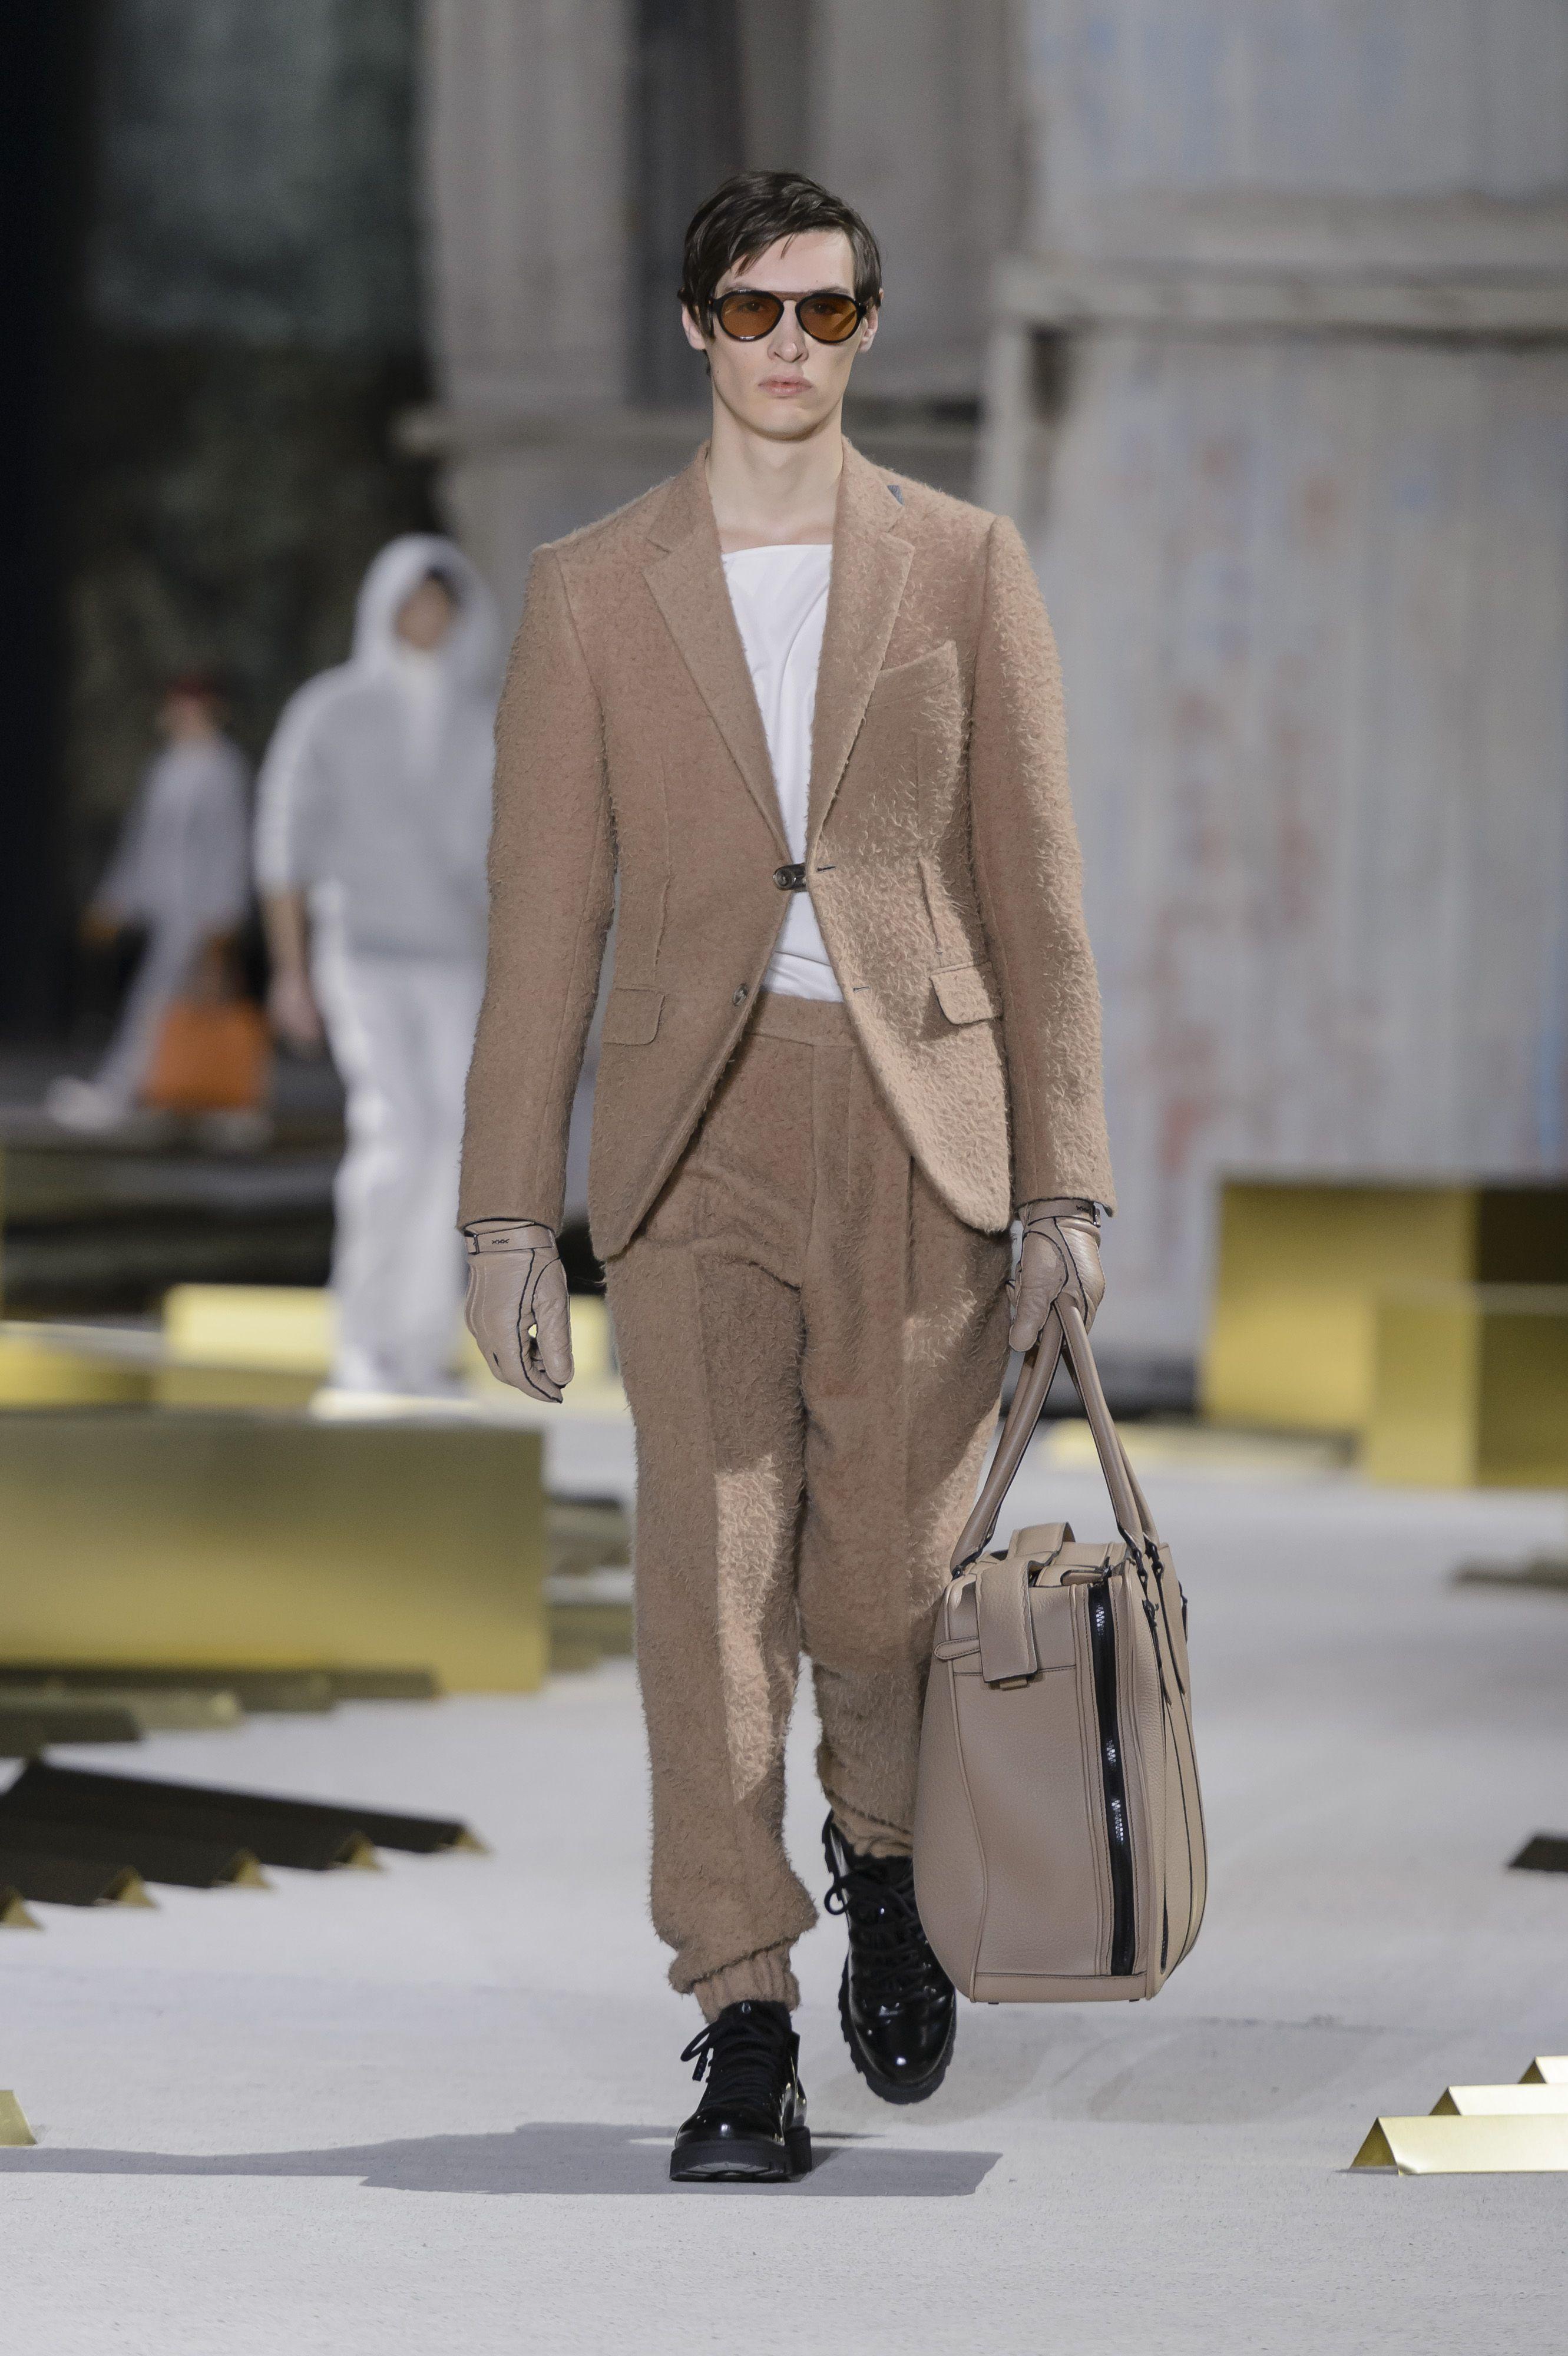 Camicia Uomo Slim Fit Casual Manica Corta Stampato Uomini t Shirt o-Collo Comodo Street Style t-Shirt da Uomo